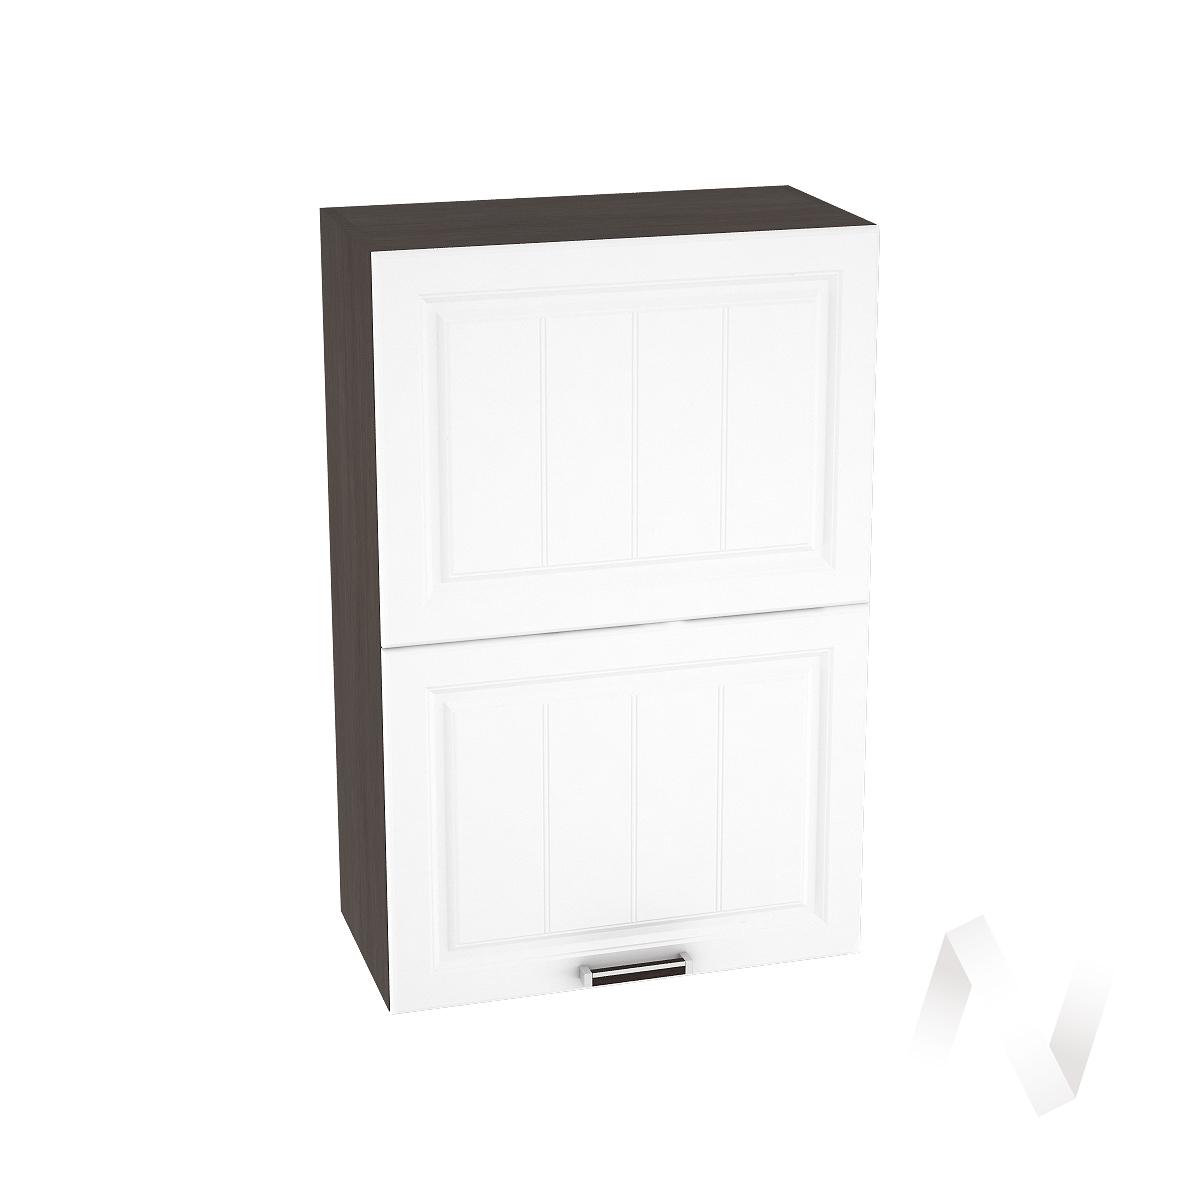 """Кухня """"Прага"""": Шкаф верхний горизонтальный 602, ШВГ 602 (белое дерево/корпус венге)"""